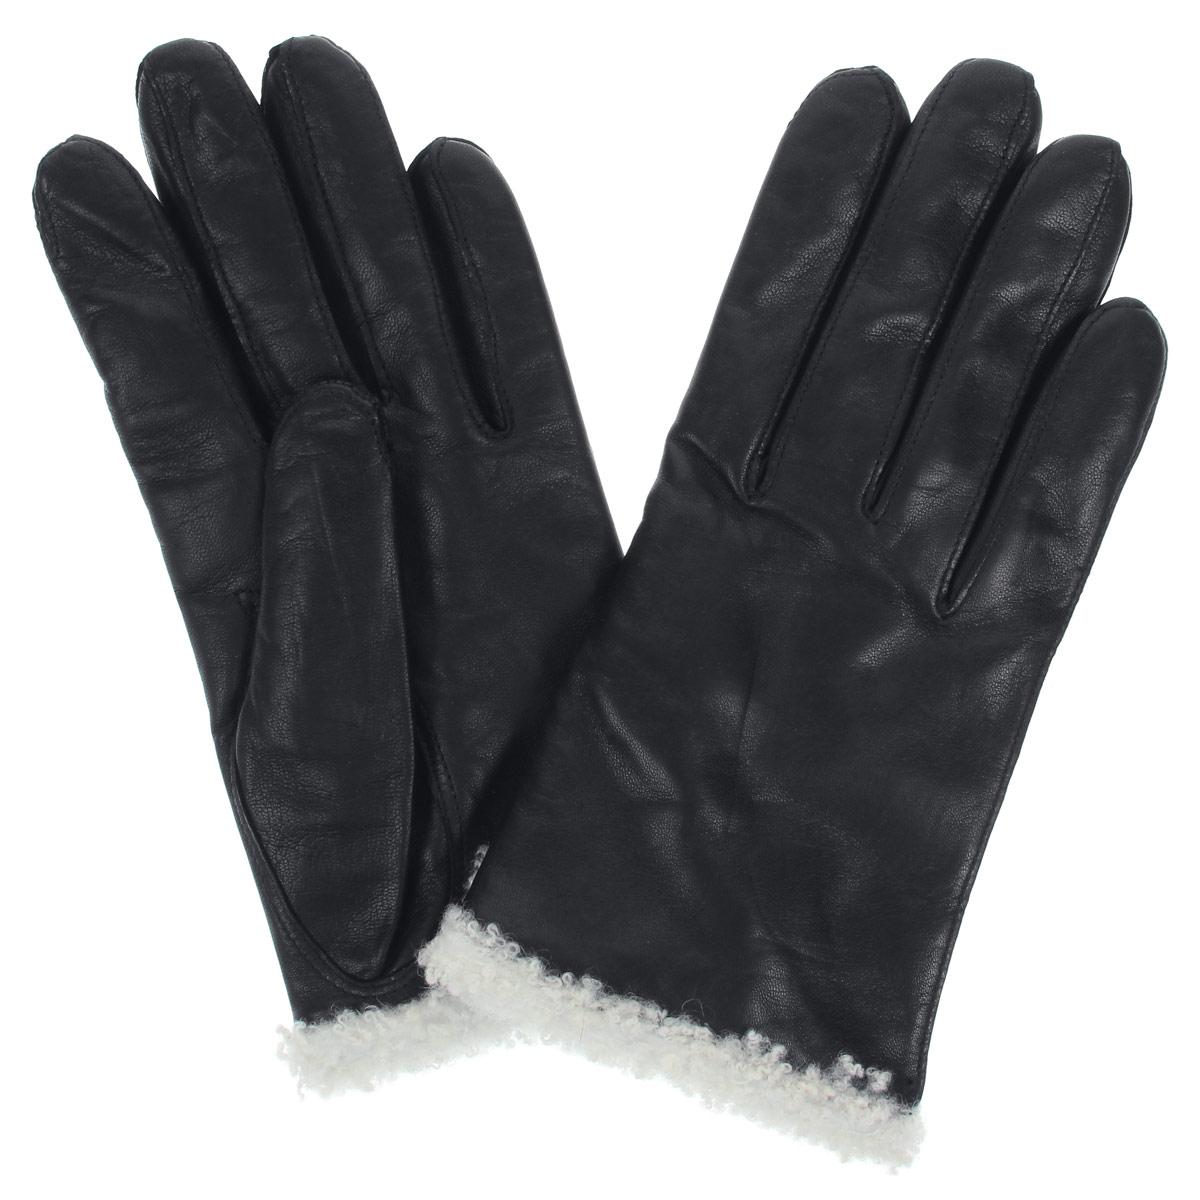 Перчатки женские Bartoc, цвет: черный. DF12-2300.agne. Размер 6,5DF12-2300.agneСтильные женские перчатки Bartoc не только защитят ваши руки от холода, но и станут великолепным украшением. Они выполнены из мягкой и приятной на ощупь натуральной кожи ягненка, подкладка - из шерсти. Декорированы перчатки по краю оторочкой из шерсти ягненка. На тыльной стороне изделия имеется небольшой разрез. Укороченная, но теплая модель, особо удобна автомобилистам зимой.Перчатки являются неотъемлемой принадлежностью одежды, вместе с этим аксессуаром вы обретаете женственность и элегантность. Они станут завершающим и подчеркивающим элементом вашего неповторимого стиля и индивидуальности.